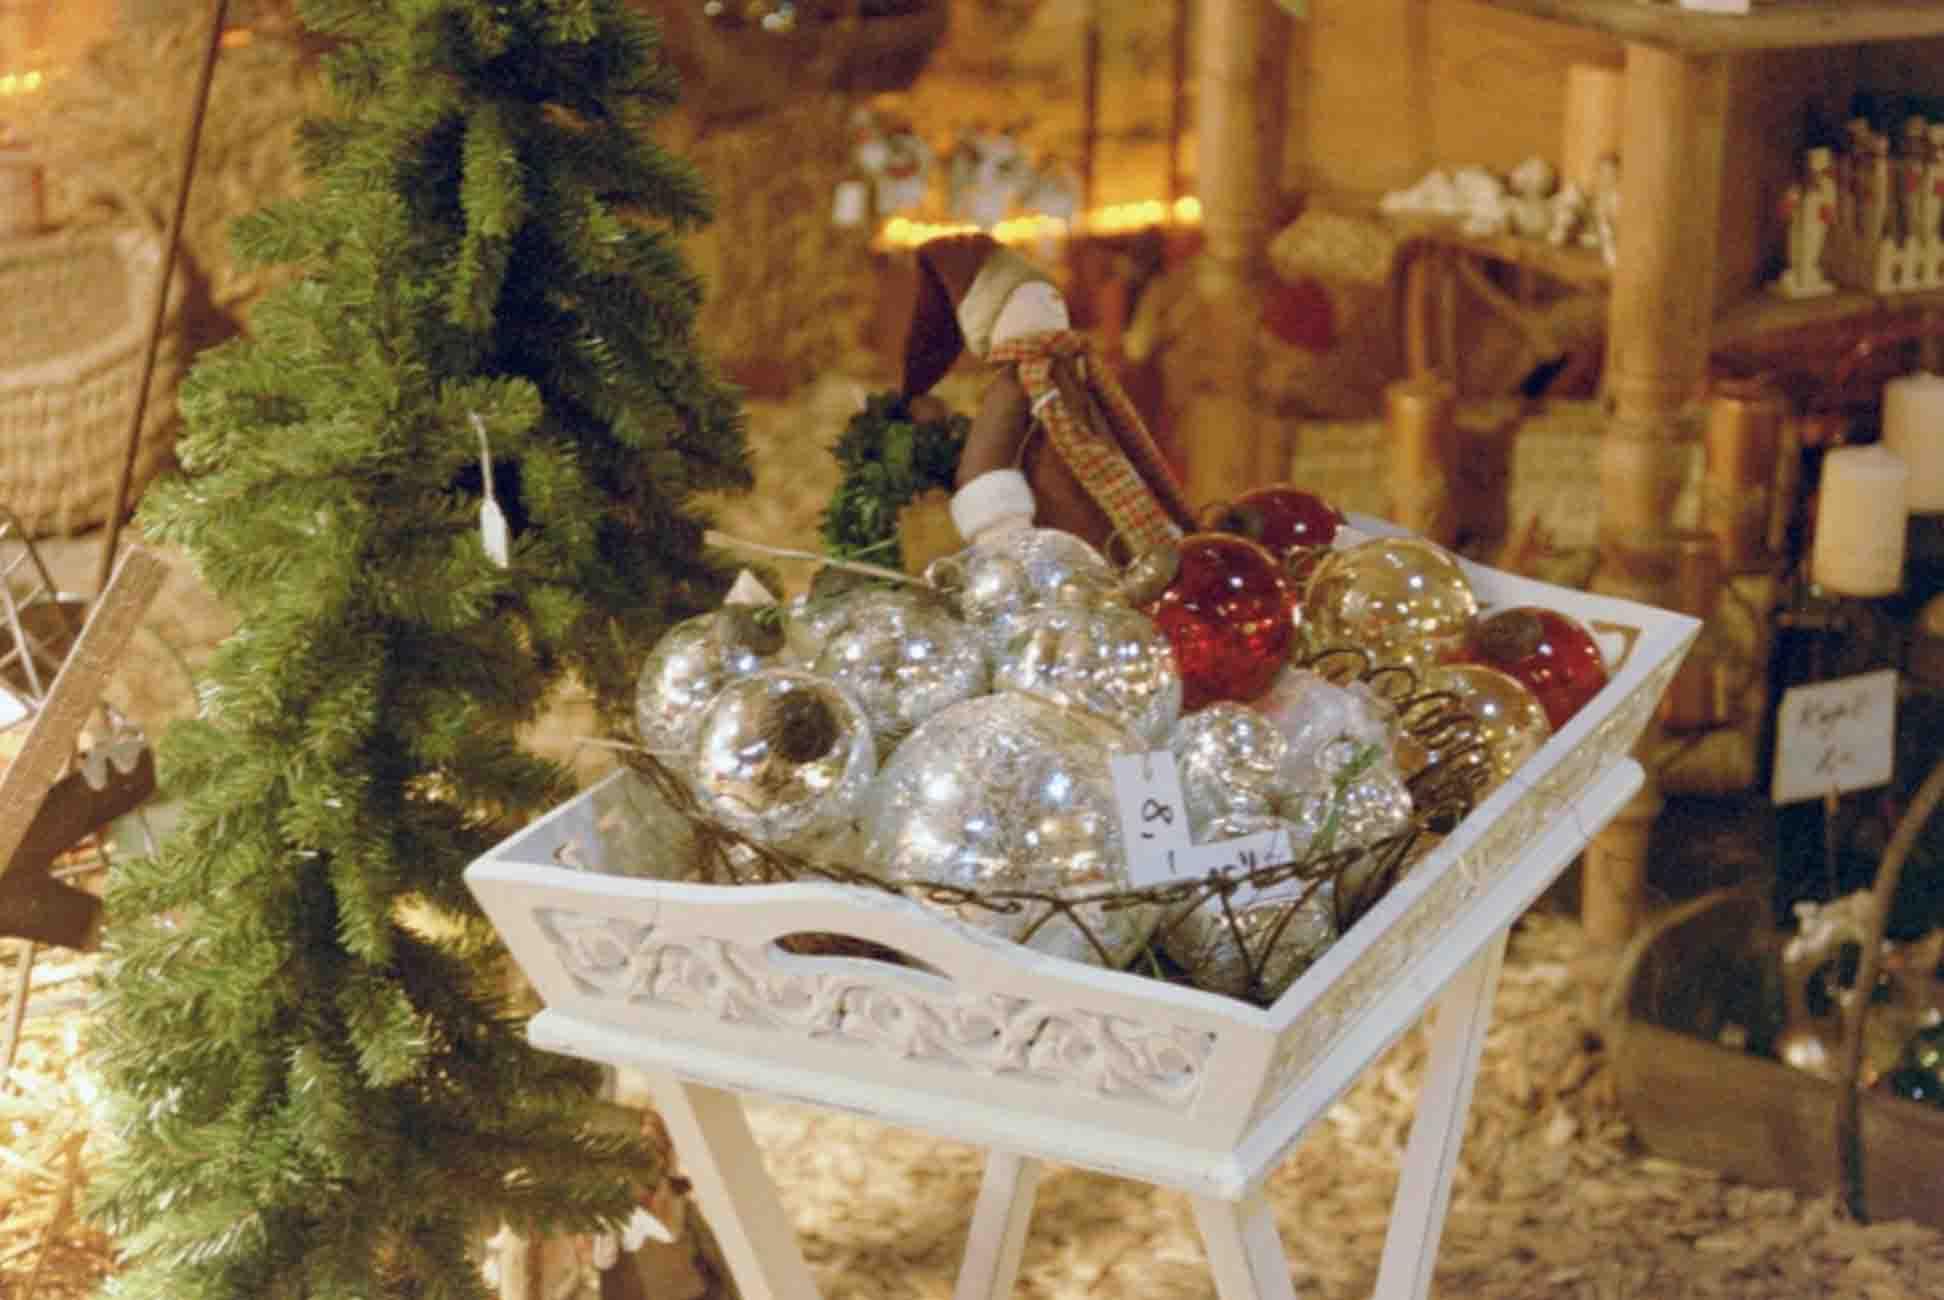 Pronstorfer Weihnacht Kugeln 2